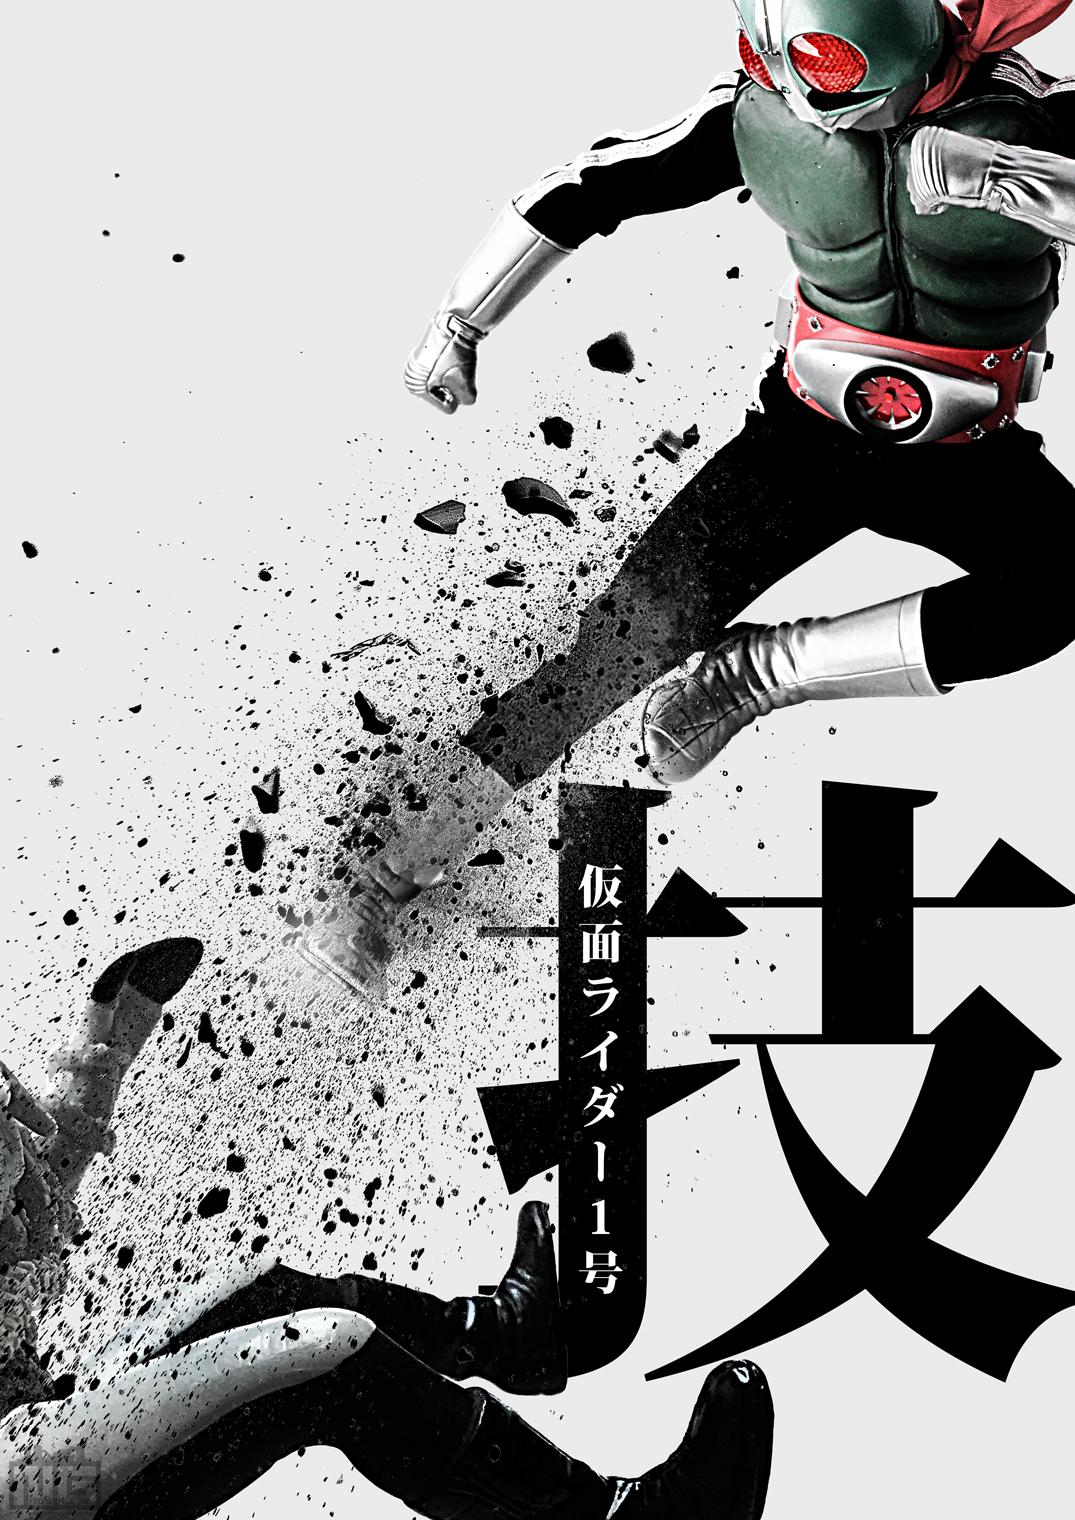 【デジラマ】技 -仮面ライダー1号-